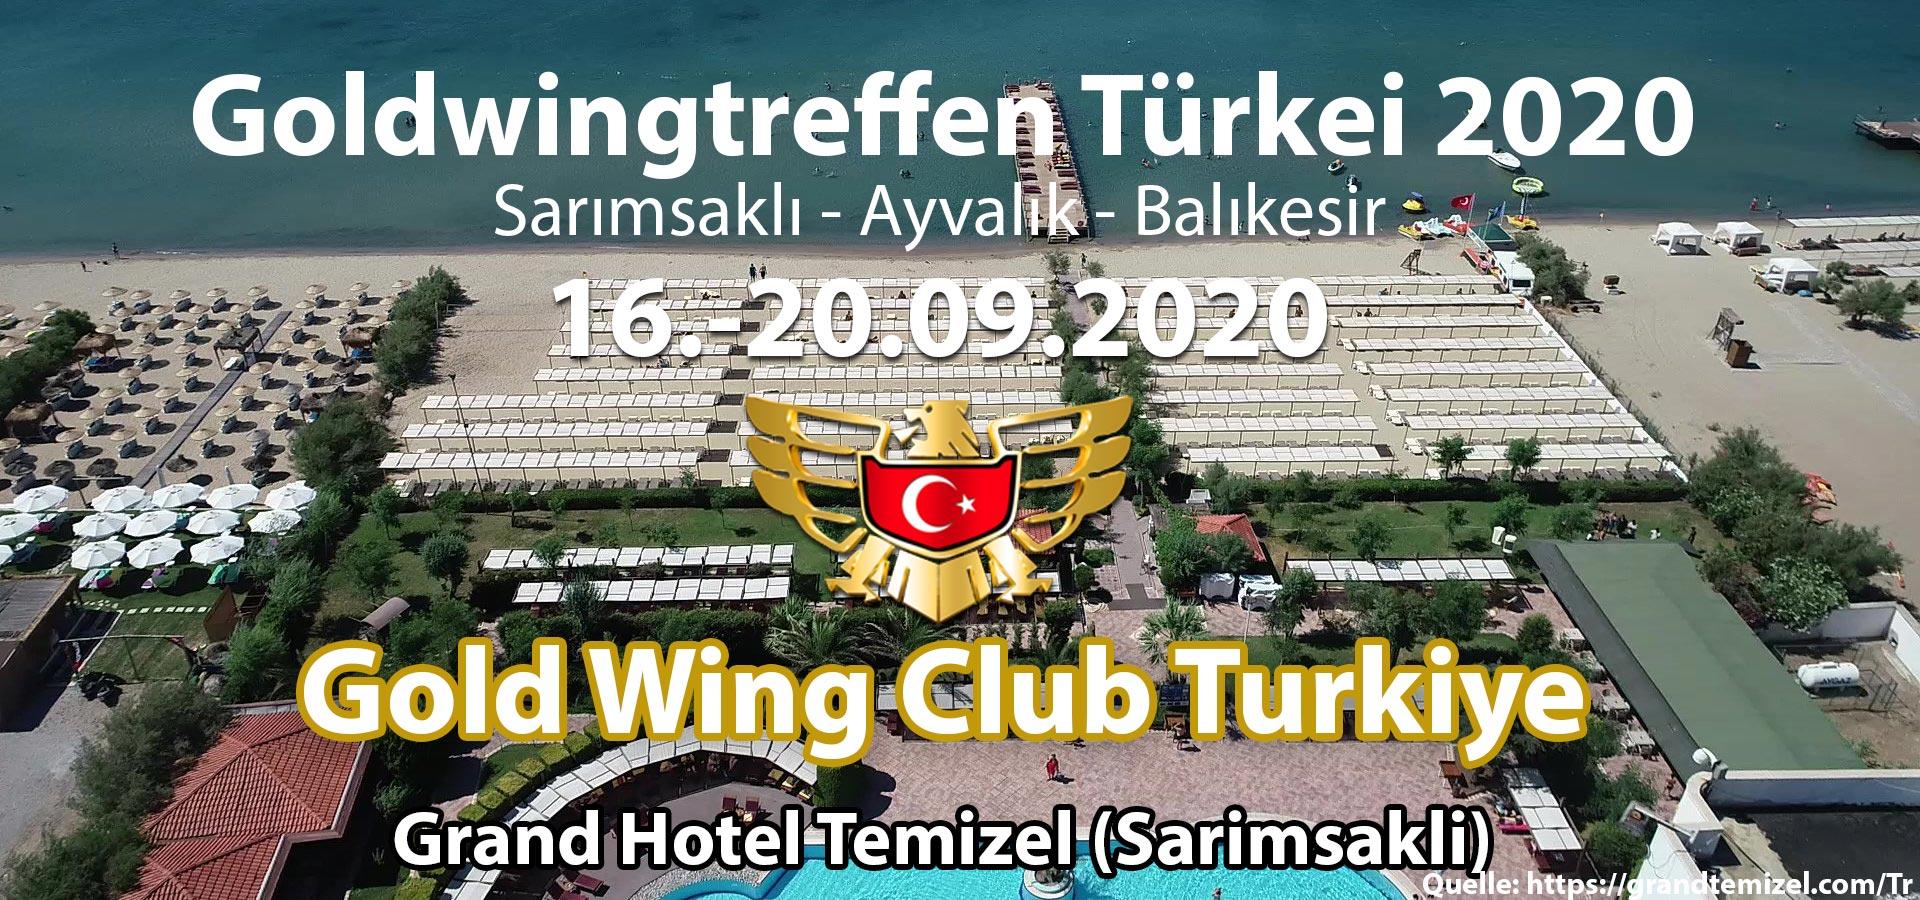 goldwingtreffen türkei 2020 im grandhotel temizel ayvalik